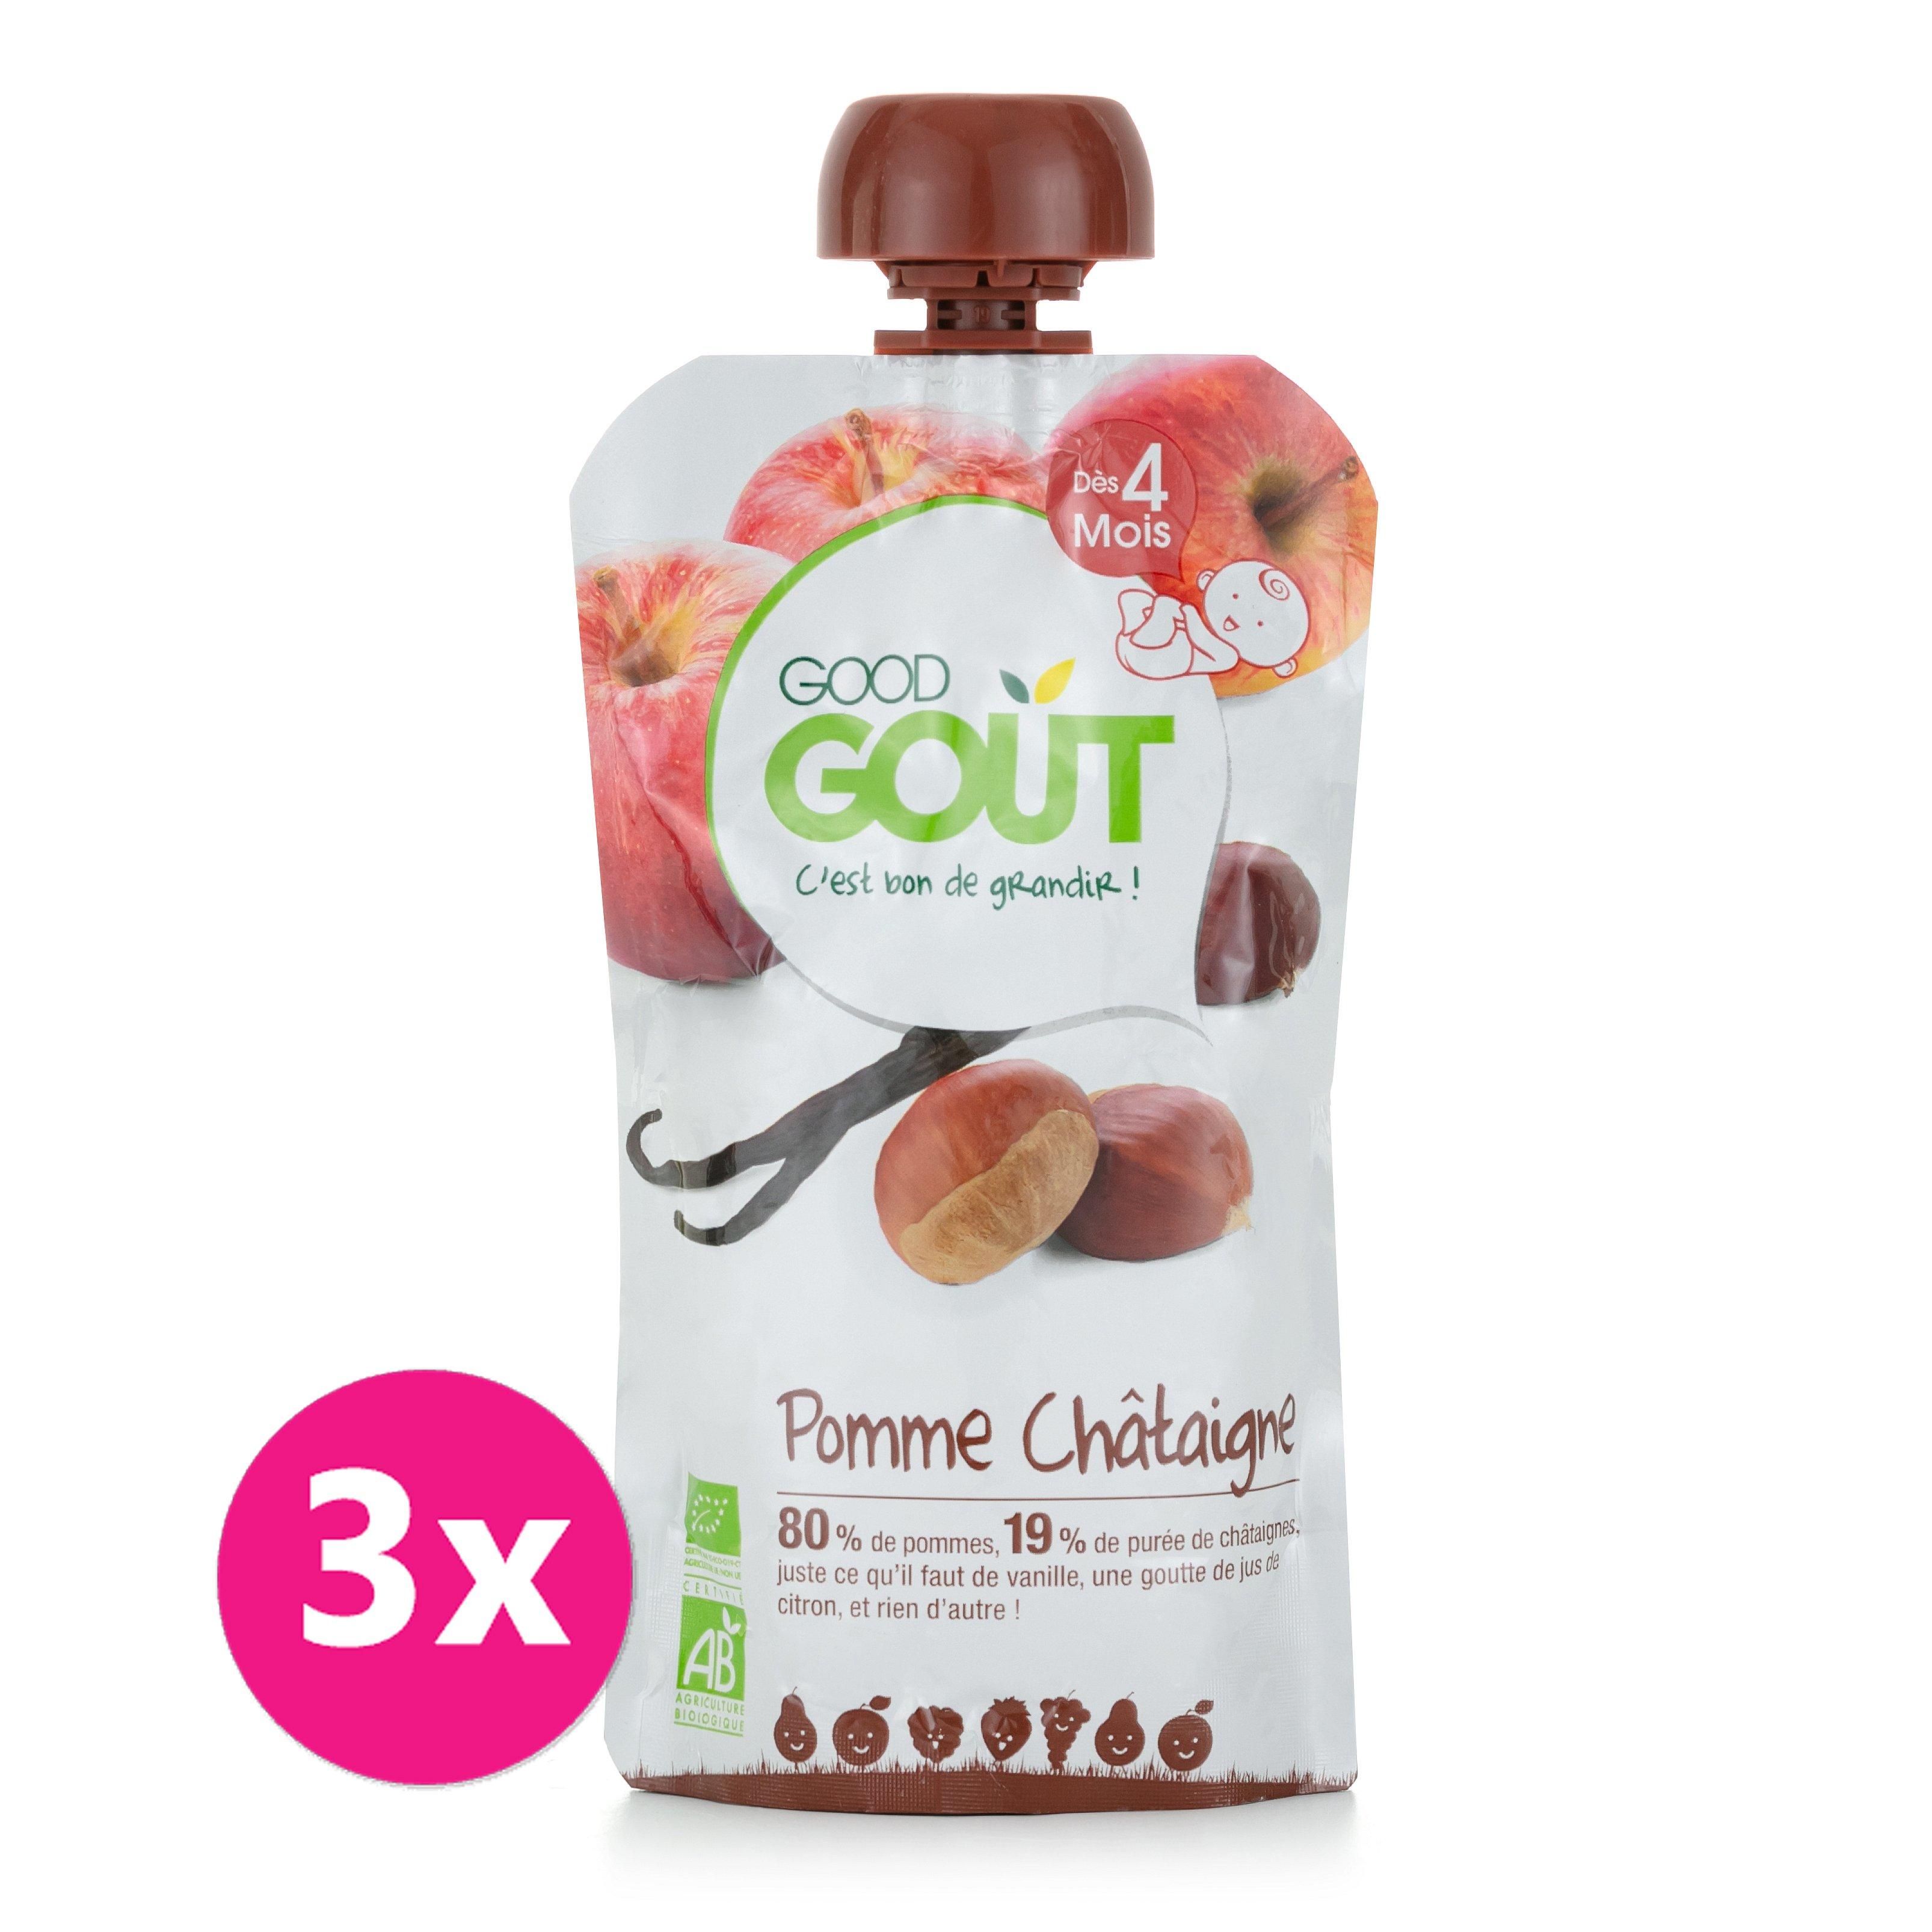 3x GOOD GOUT Jablko s kaštanem a vanilkou 120 g